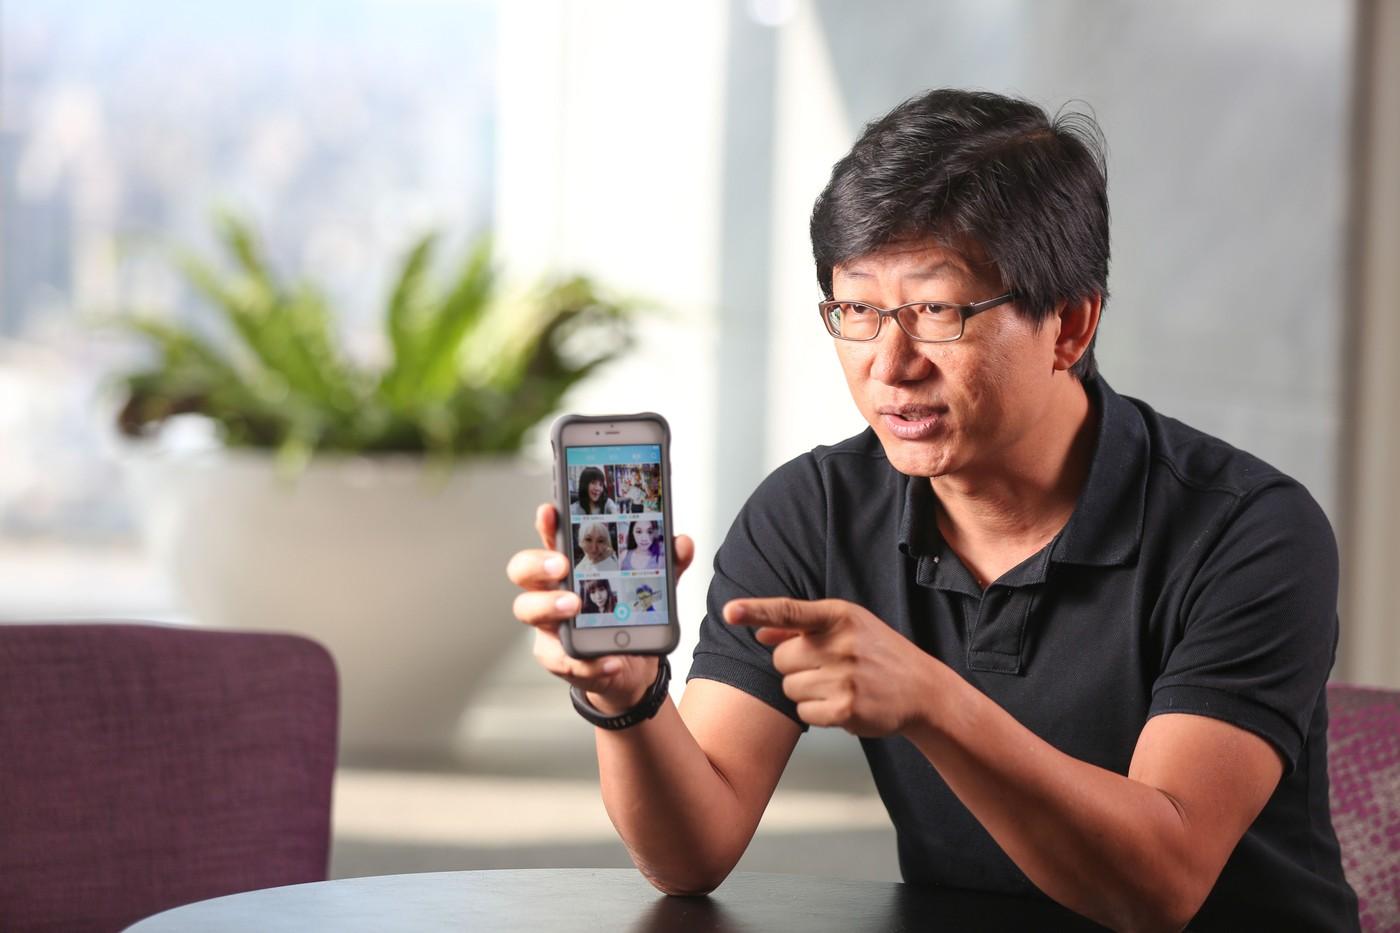 陶韻智:在台灣做直播的,半年後只會有一家存活